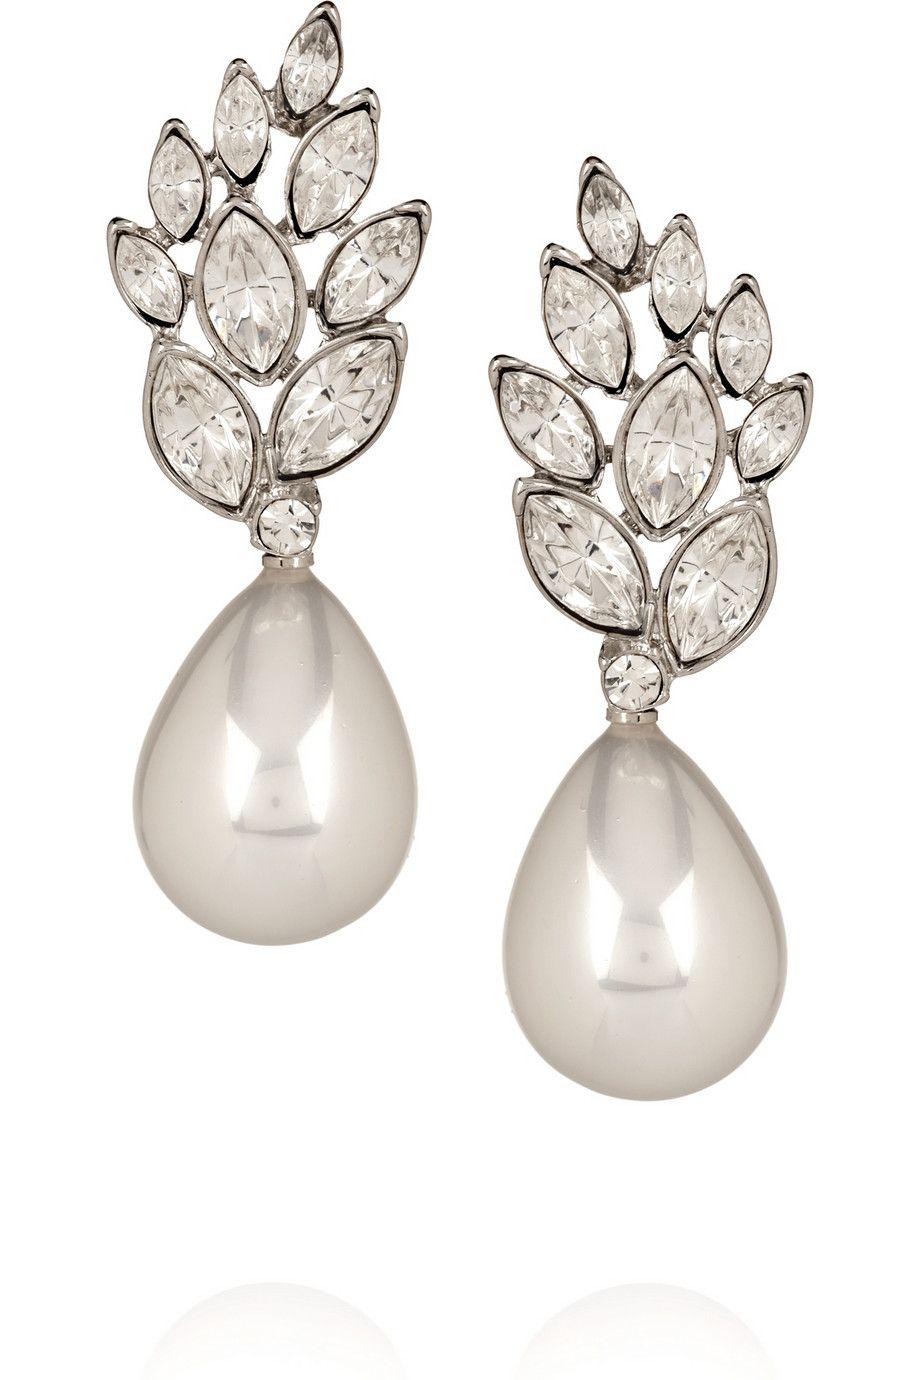 Vintage pearl drop gold earrings bocheron pearl earrings gold - Crystal And Faux Pearl Drop Earrings By Kenneth Jay Lane